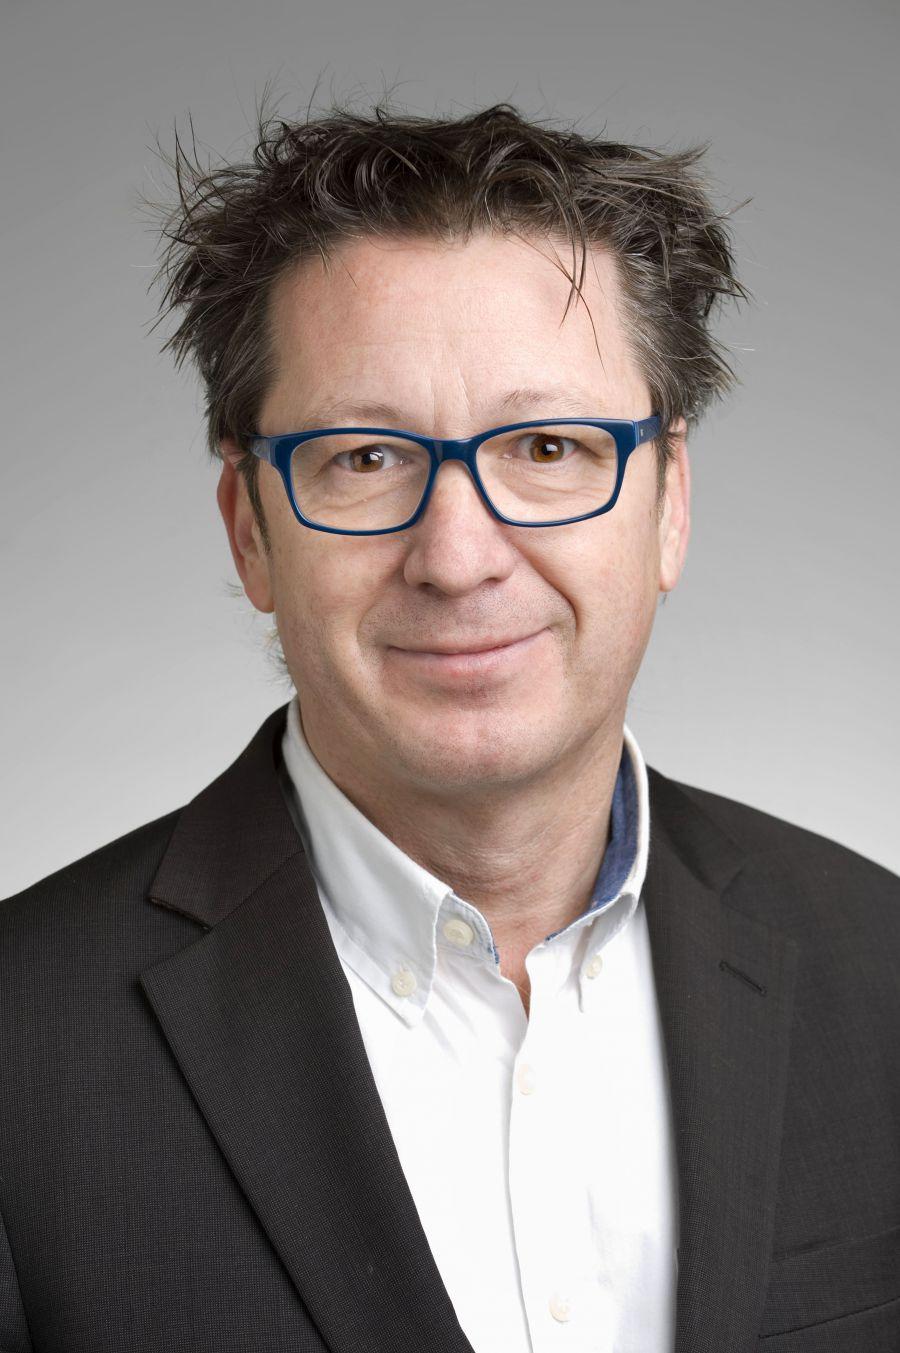 Josetxo Arrarás Paños, nombrado director gerente de la empresa pública Tracasa